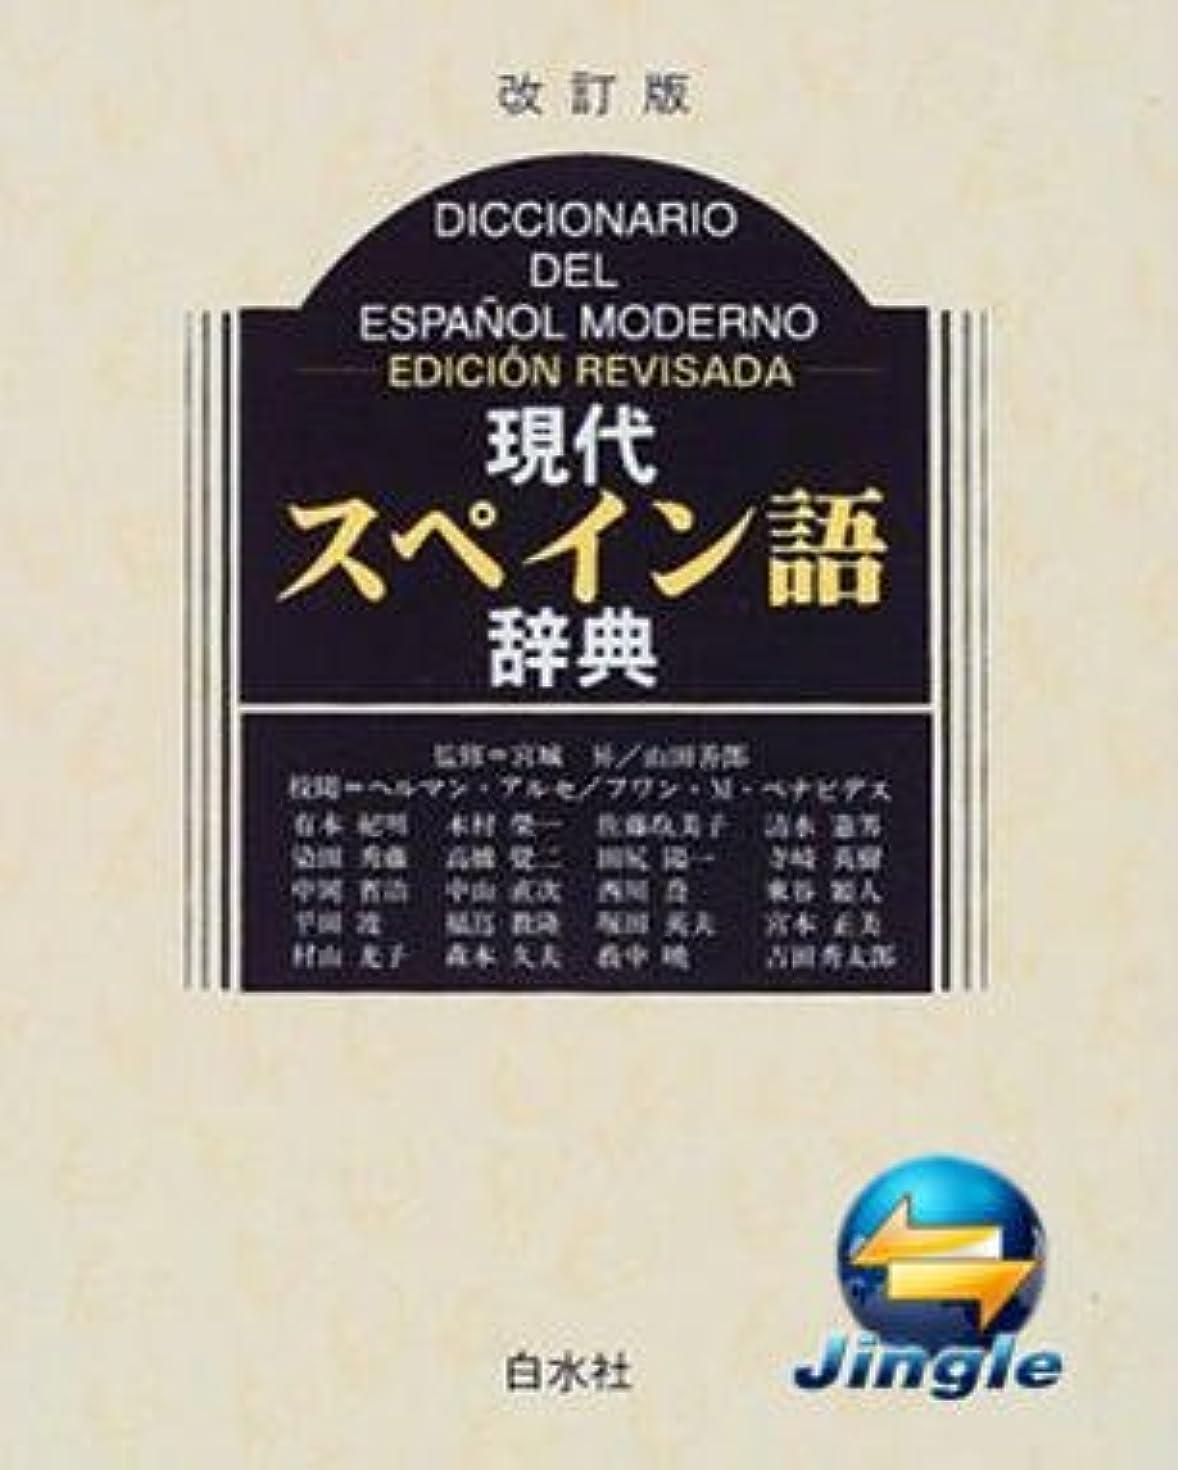 暴力打ち負かすクライマックス白水社 現代スペイン語辞典~アカデミー向け(ジングルソフト用)(ライセンス版)